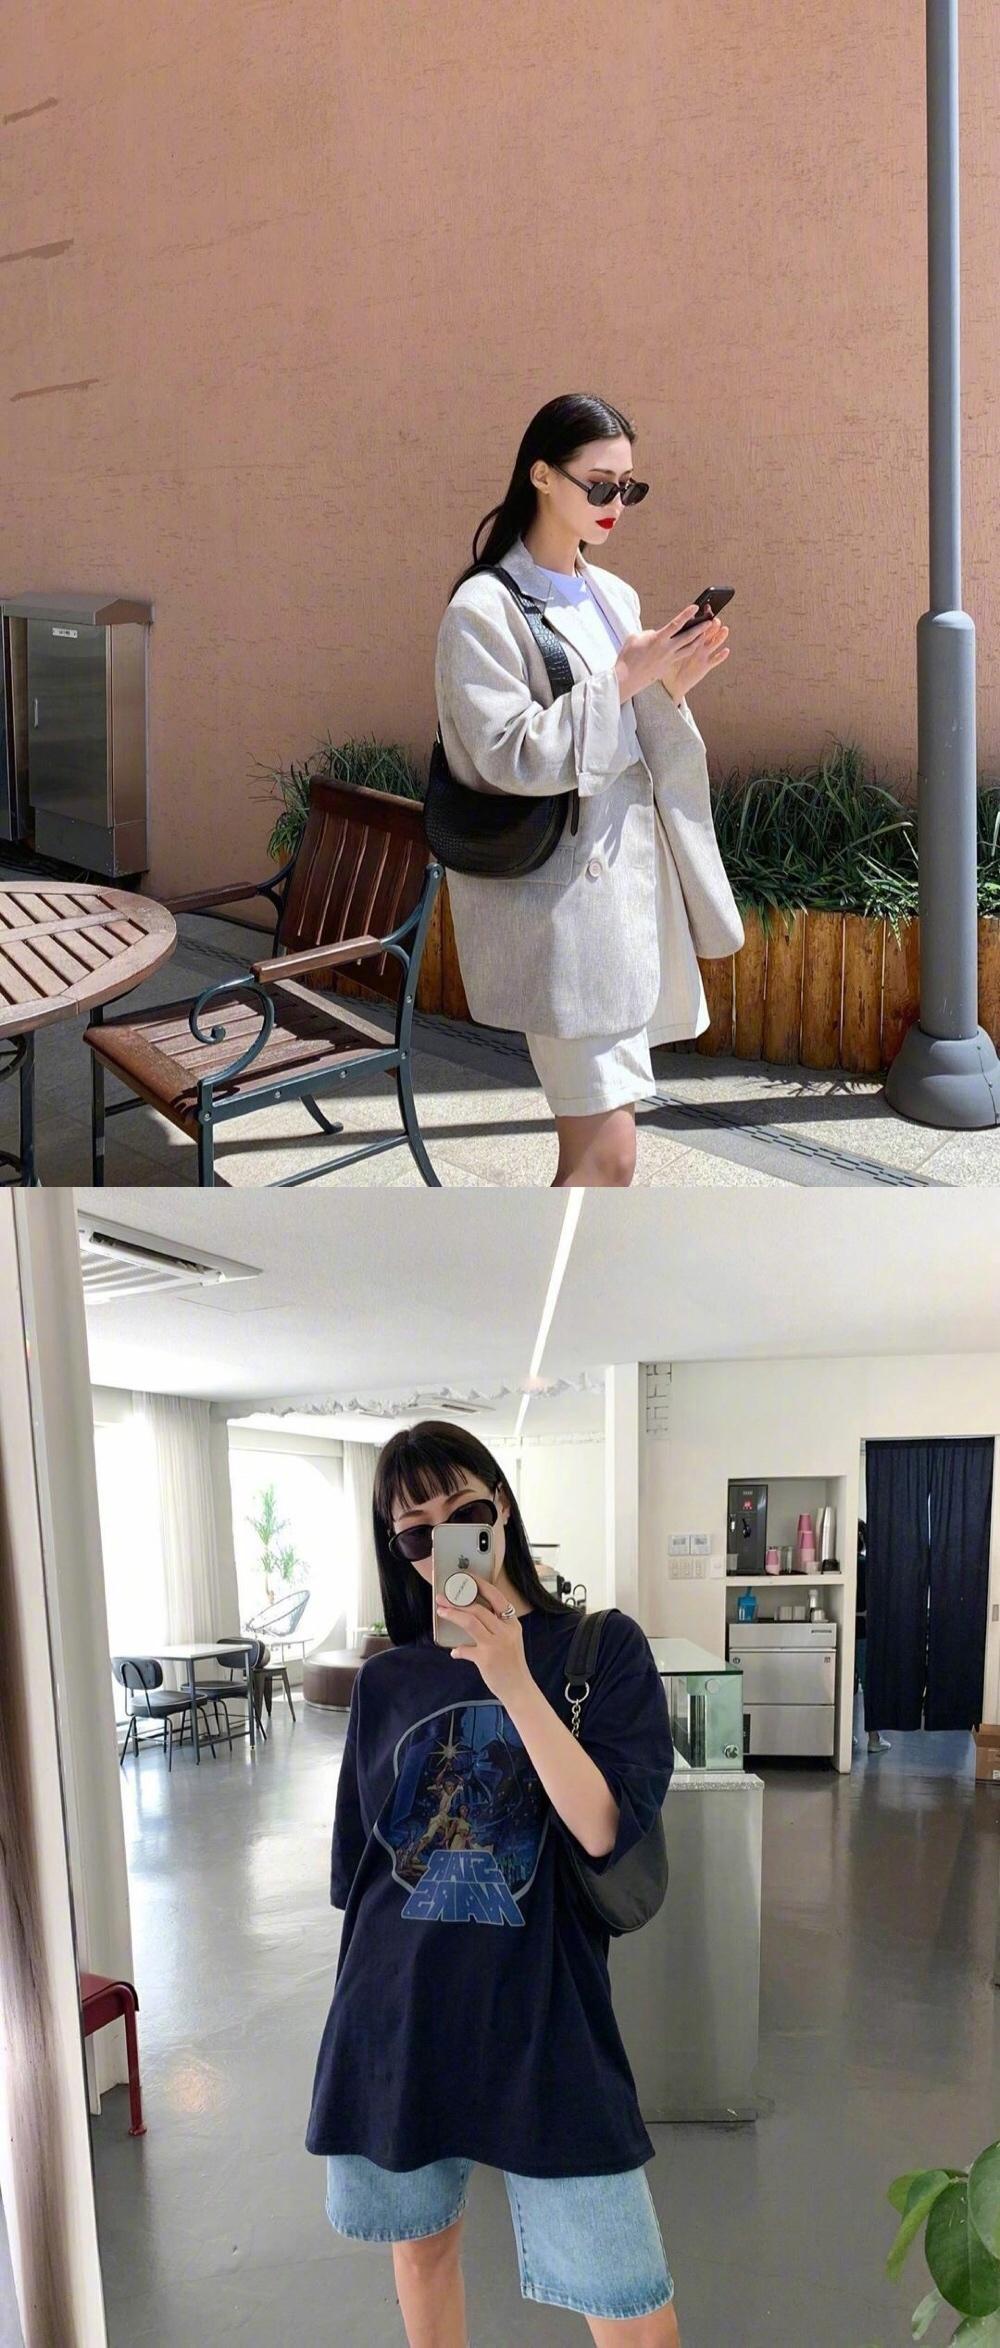 身高170cm的93年韩国模特유나 的ins日常